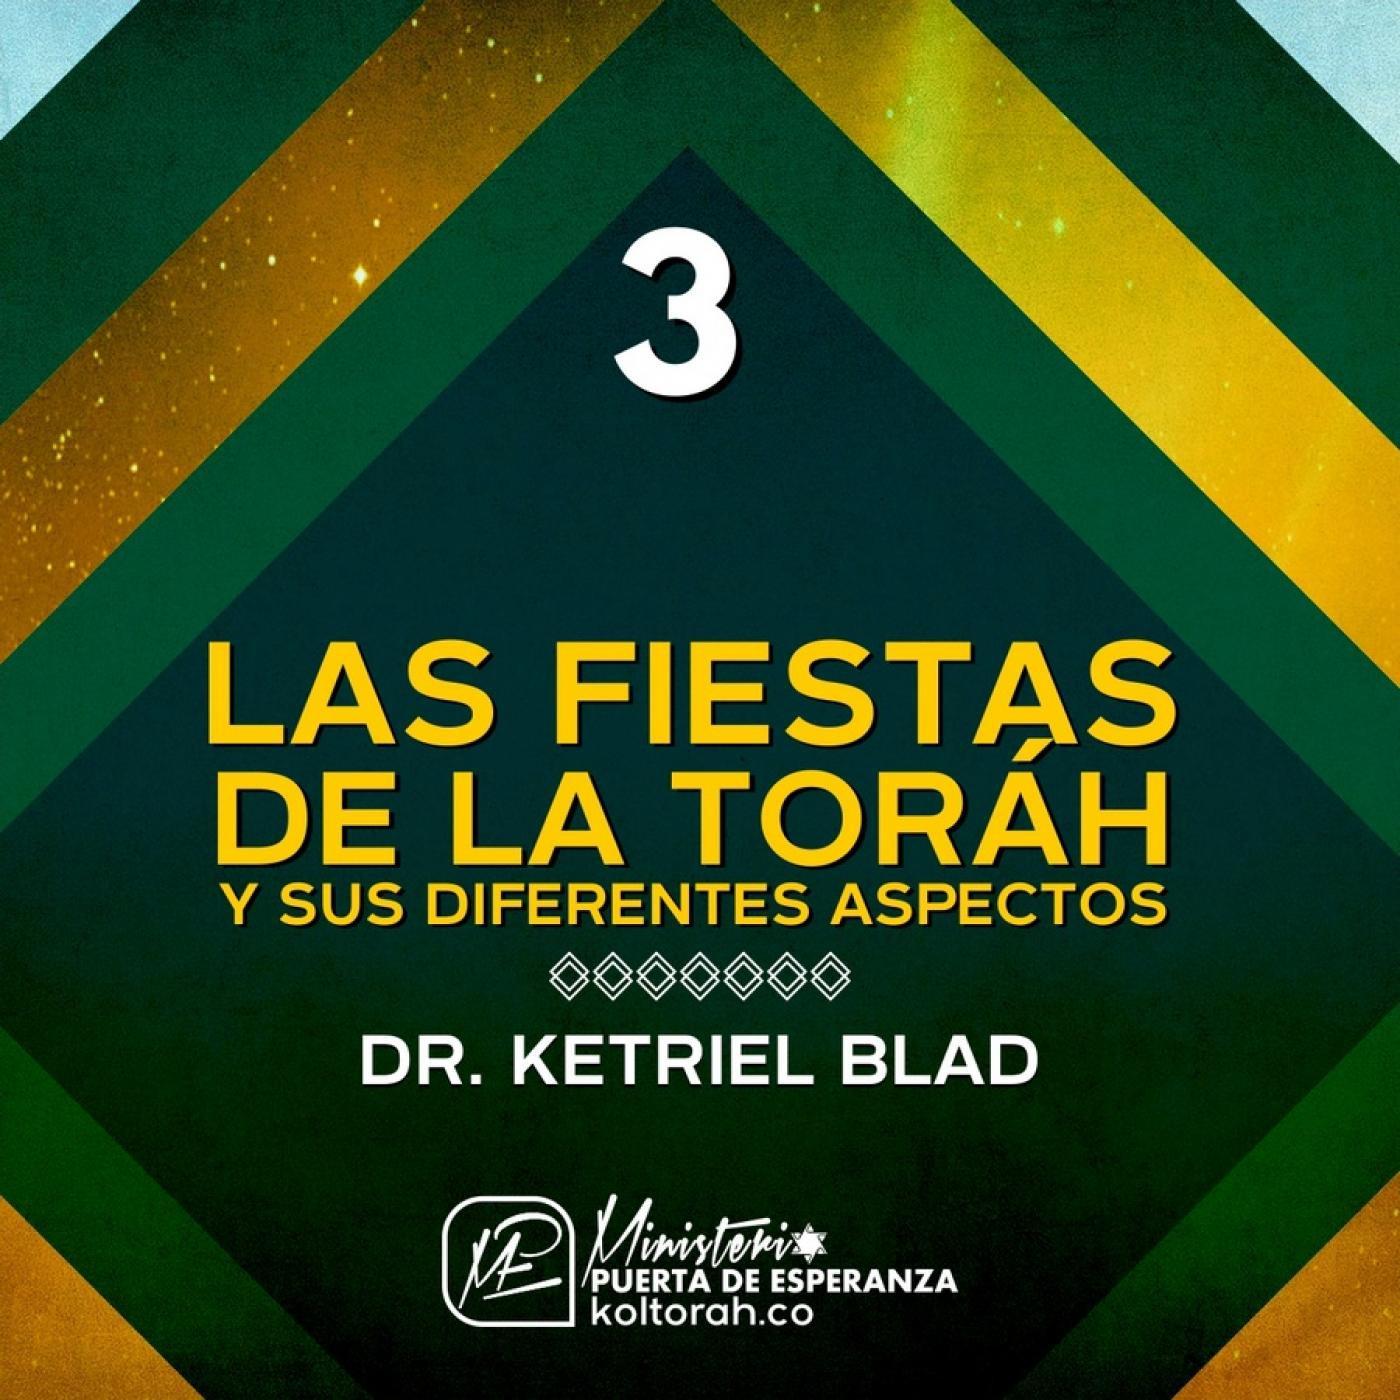 Las Fiestas de la Toráh y sus diferentes aspectos Pte 3 - Dr. S. Ketriel Blad